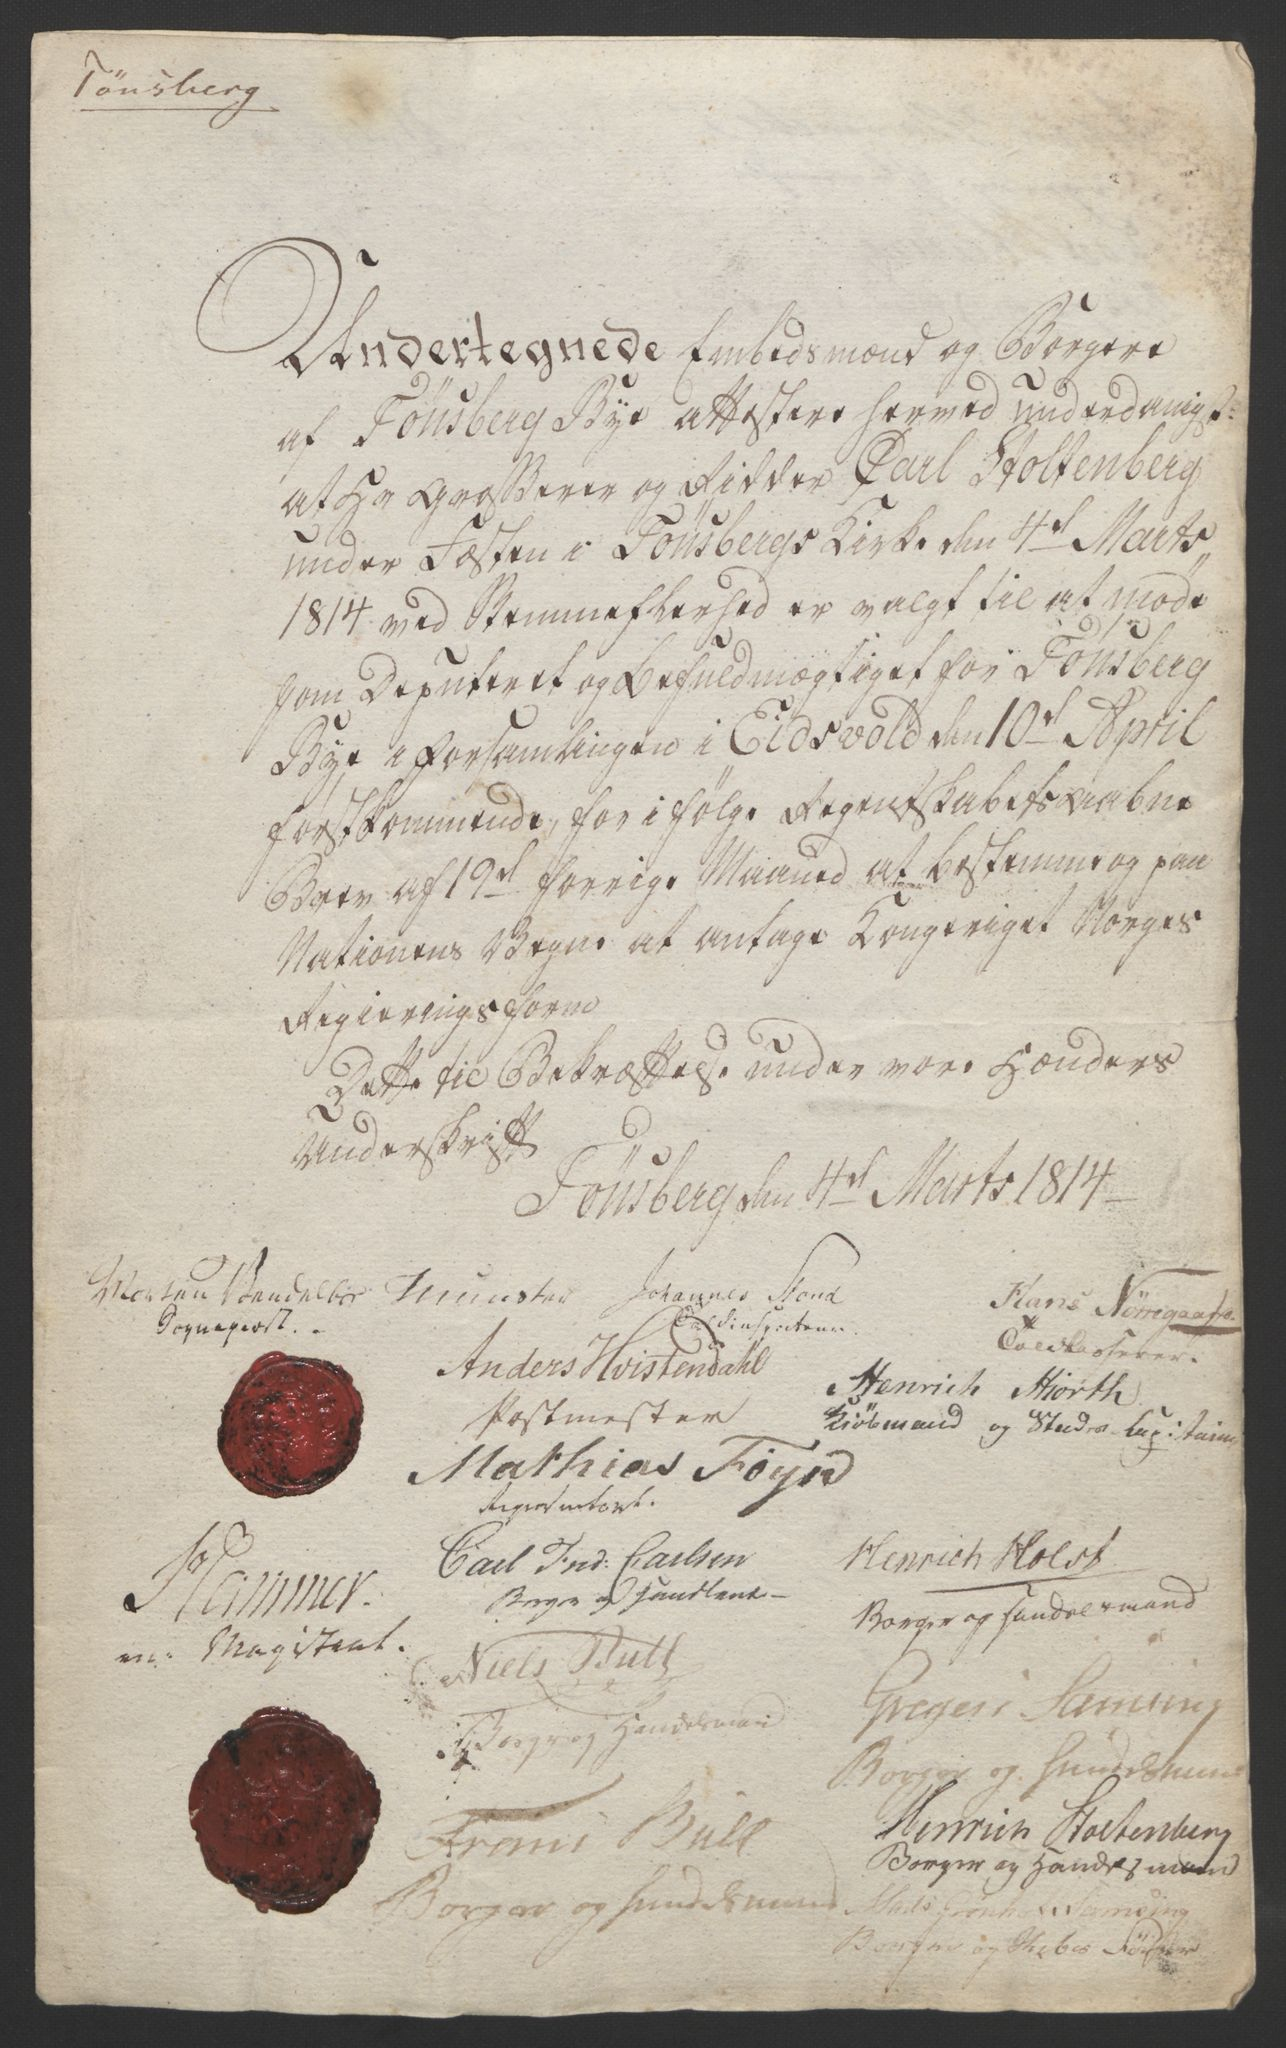 RA, Statsrådssekretariatet, D/Db/L0007: Fullmakter for Eidsvollsrepresentantene i 1814. , 1814, s. 39